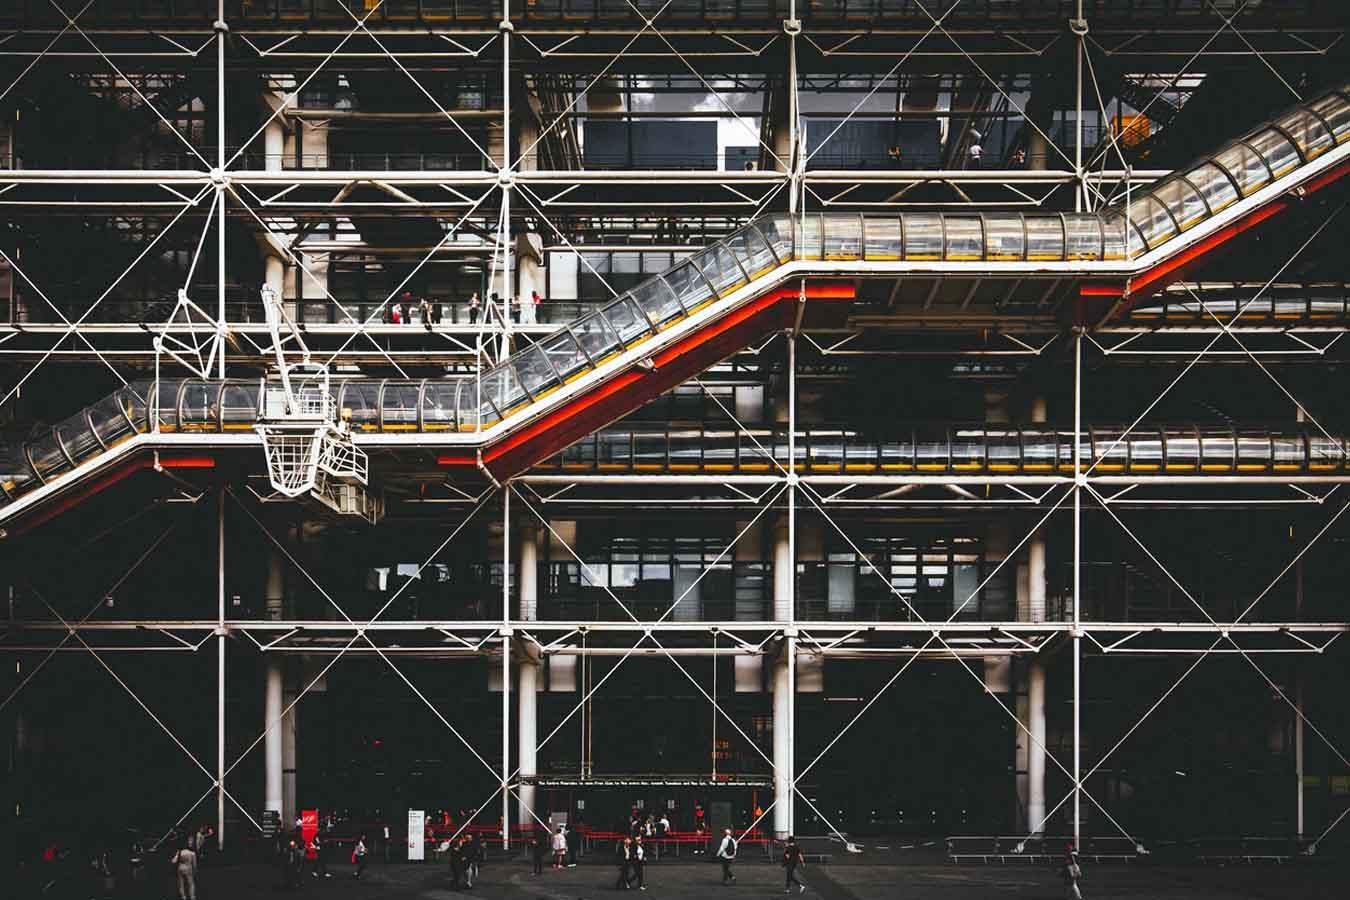 Pompidou Center, Paris, France